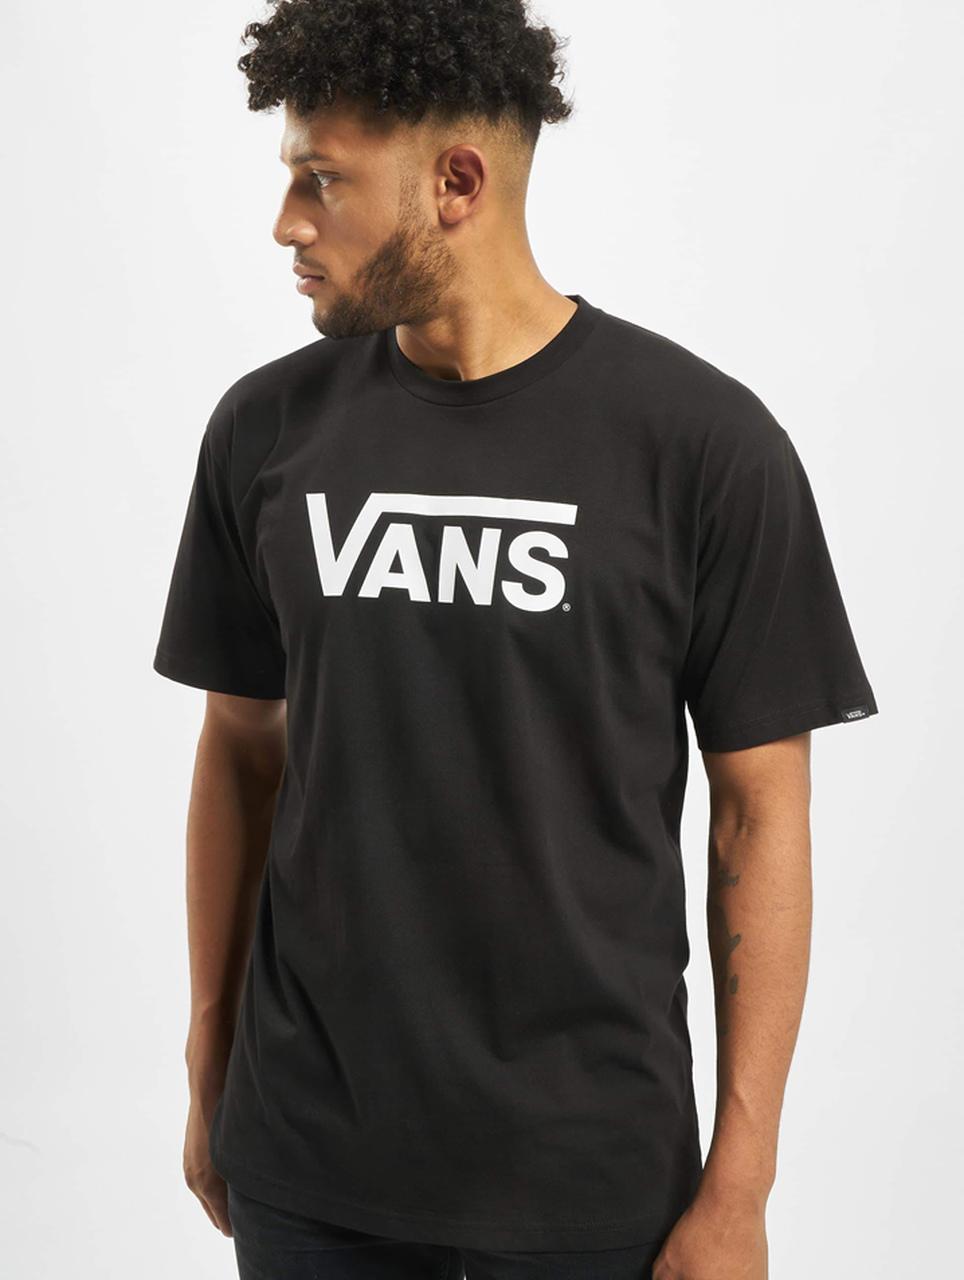 T-shirts masculinas da Vans, um modelo elegante